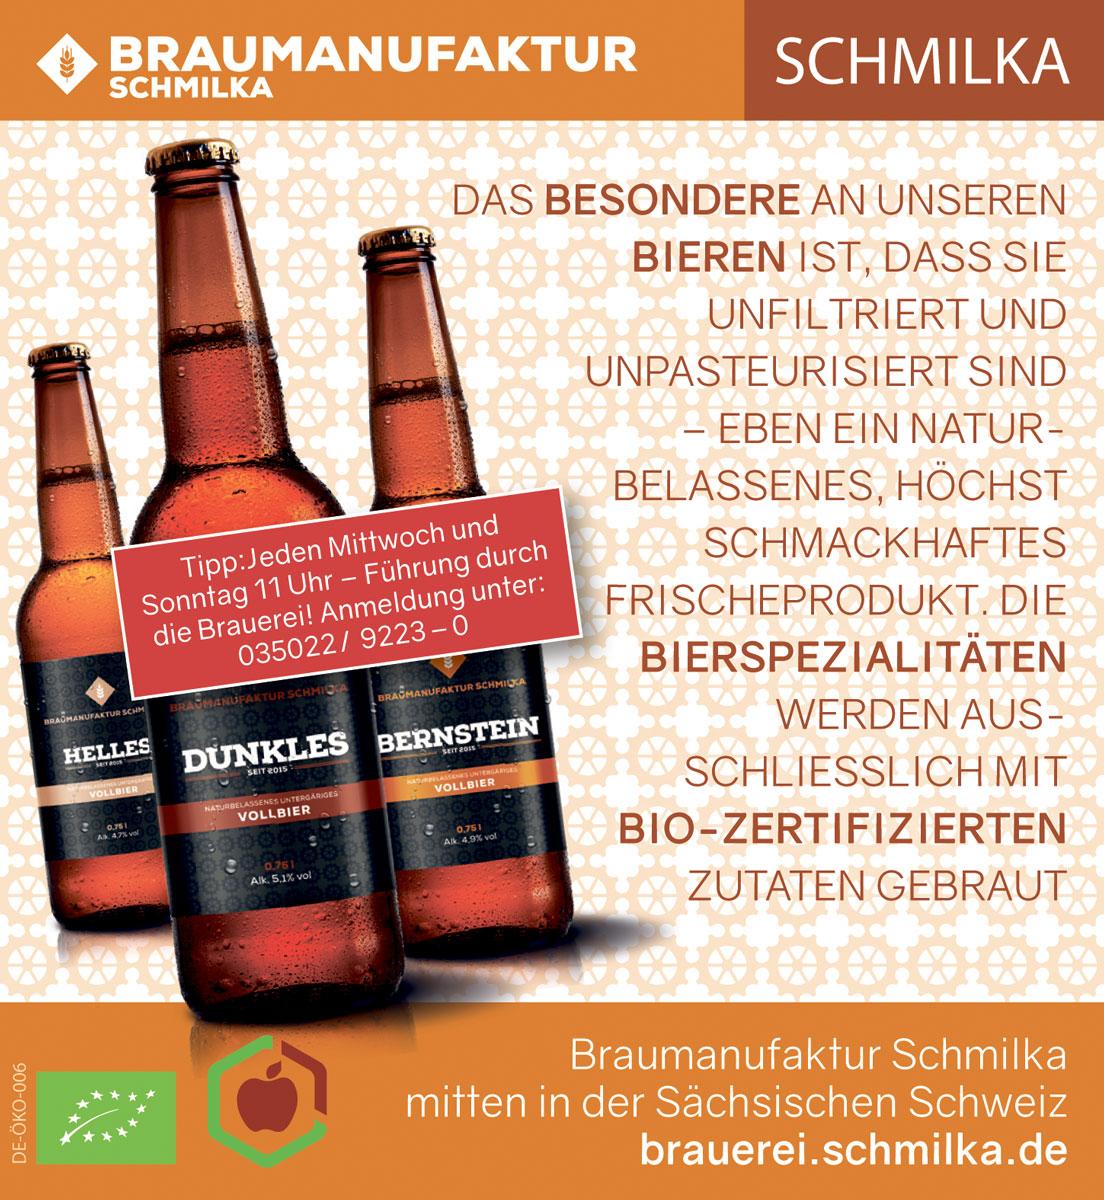 Anzeige Braumanufaktur Schmilka Berliner Zeitung